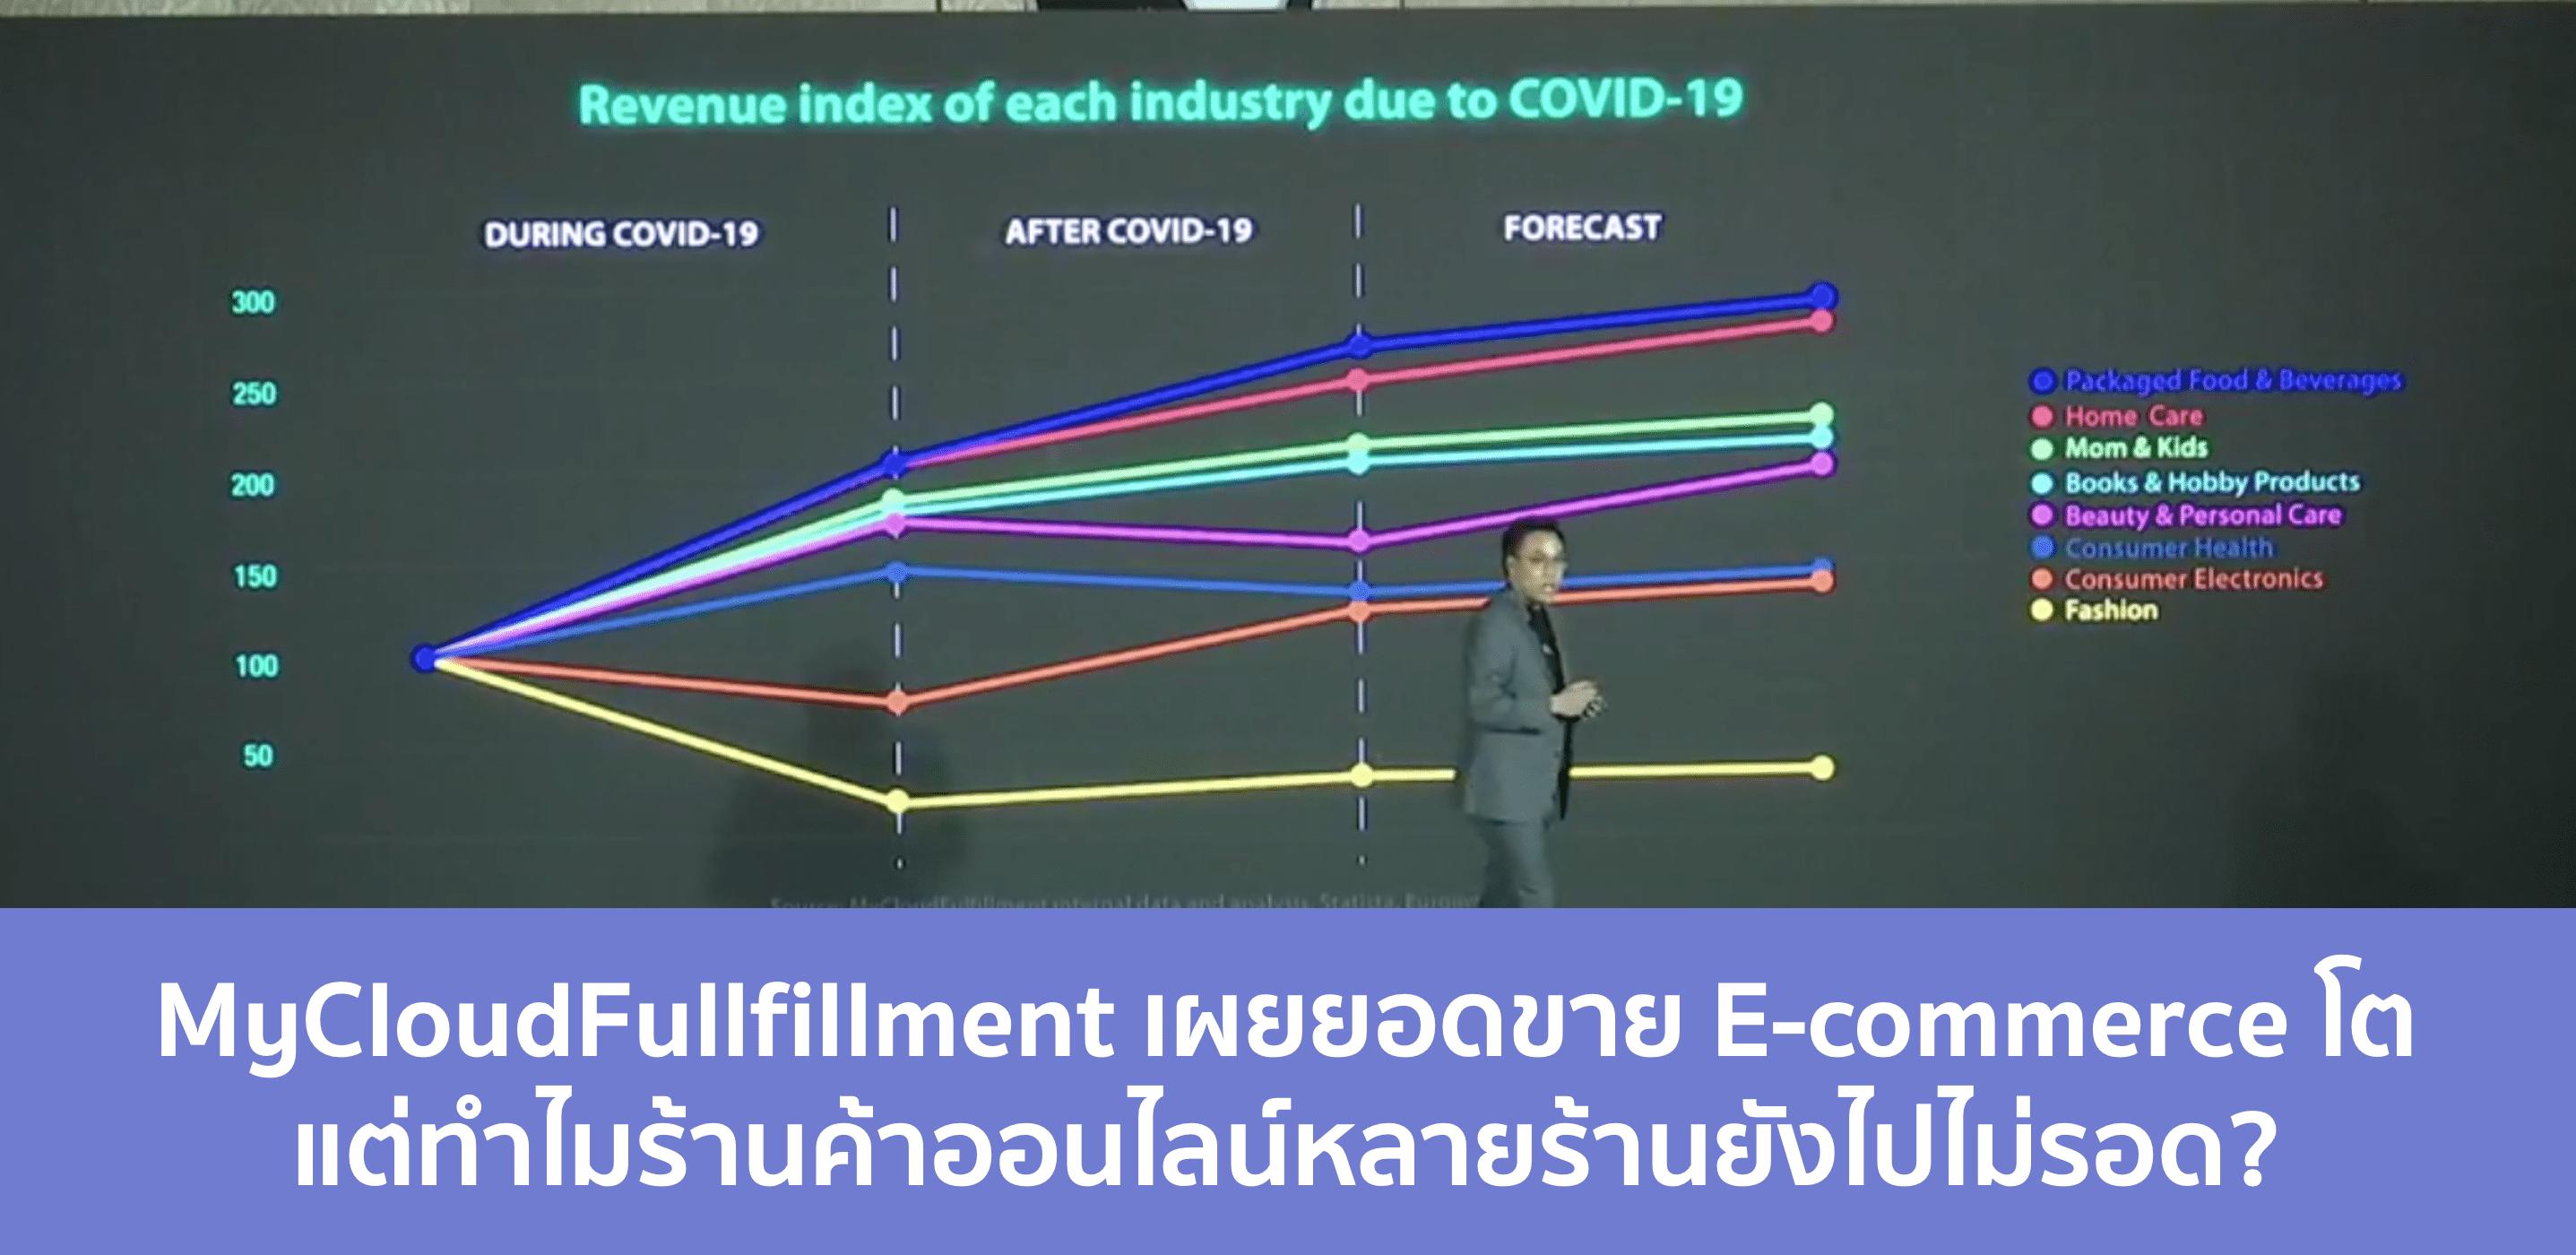 สรุป Digital Commerce ประเทศไทย 2020 จาก MyCloudFulfillment